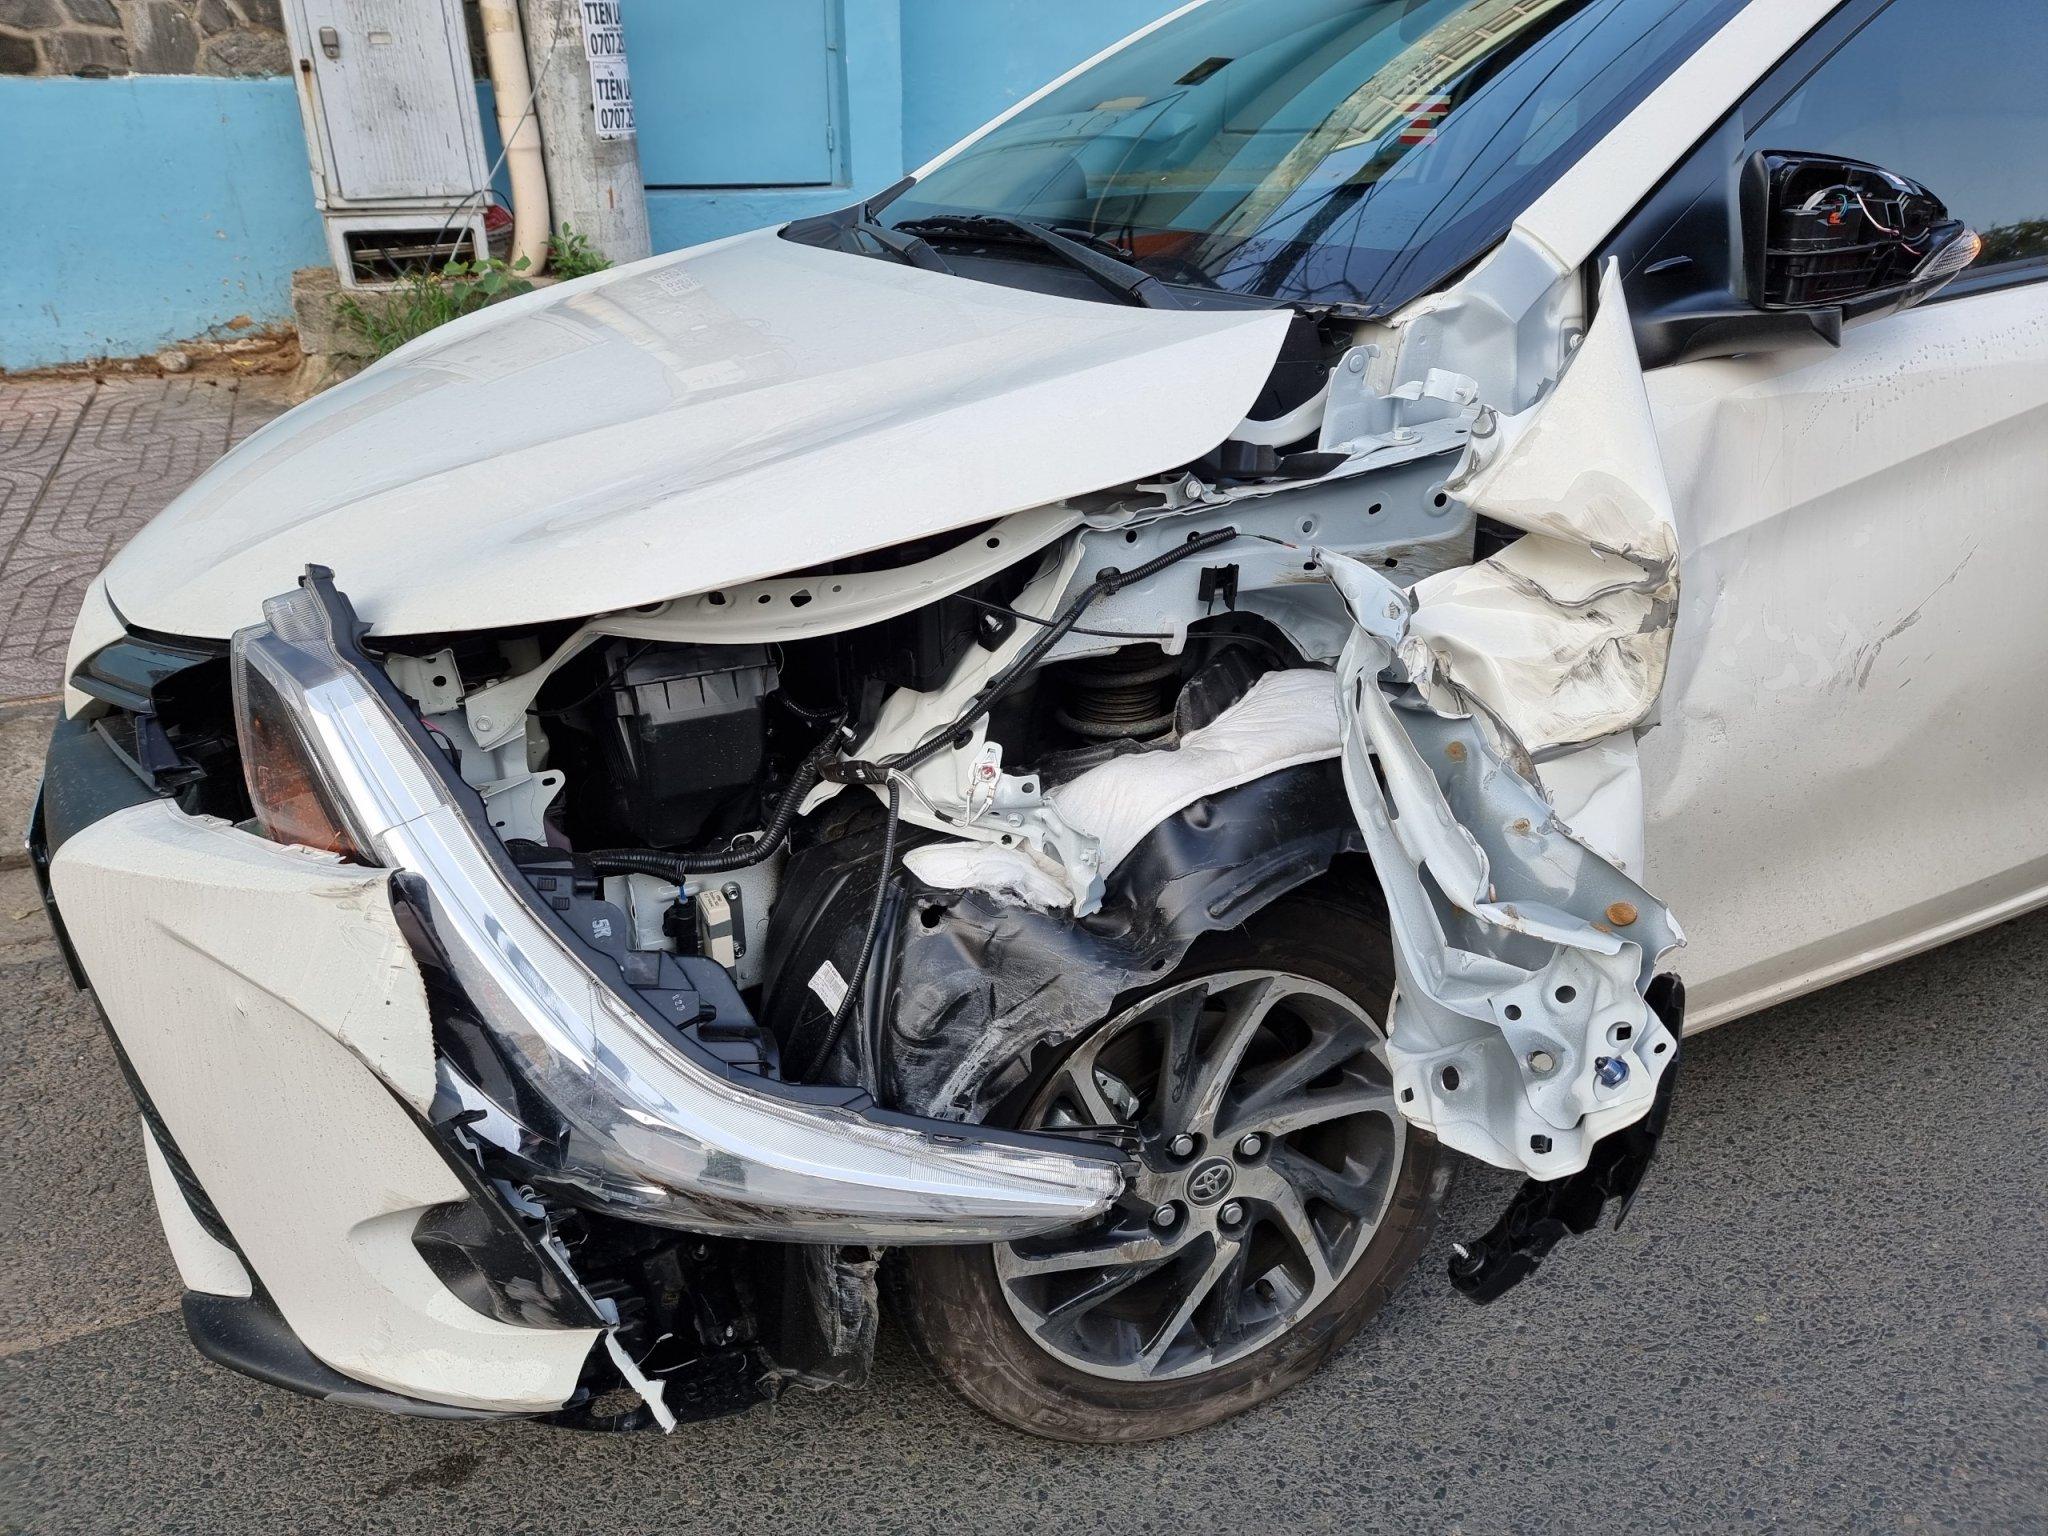 biểu phí tnds bắt buộc,giá bảo hiểm ô tô bắt buộc,bảo hiểm xe ô to bắt buộc,bảo hiểm trách nhiệm dân sự oto,bảo hiểm tnds bắt buộc,bảo hiểm trách nhiệm dân sự xe ô tô,